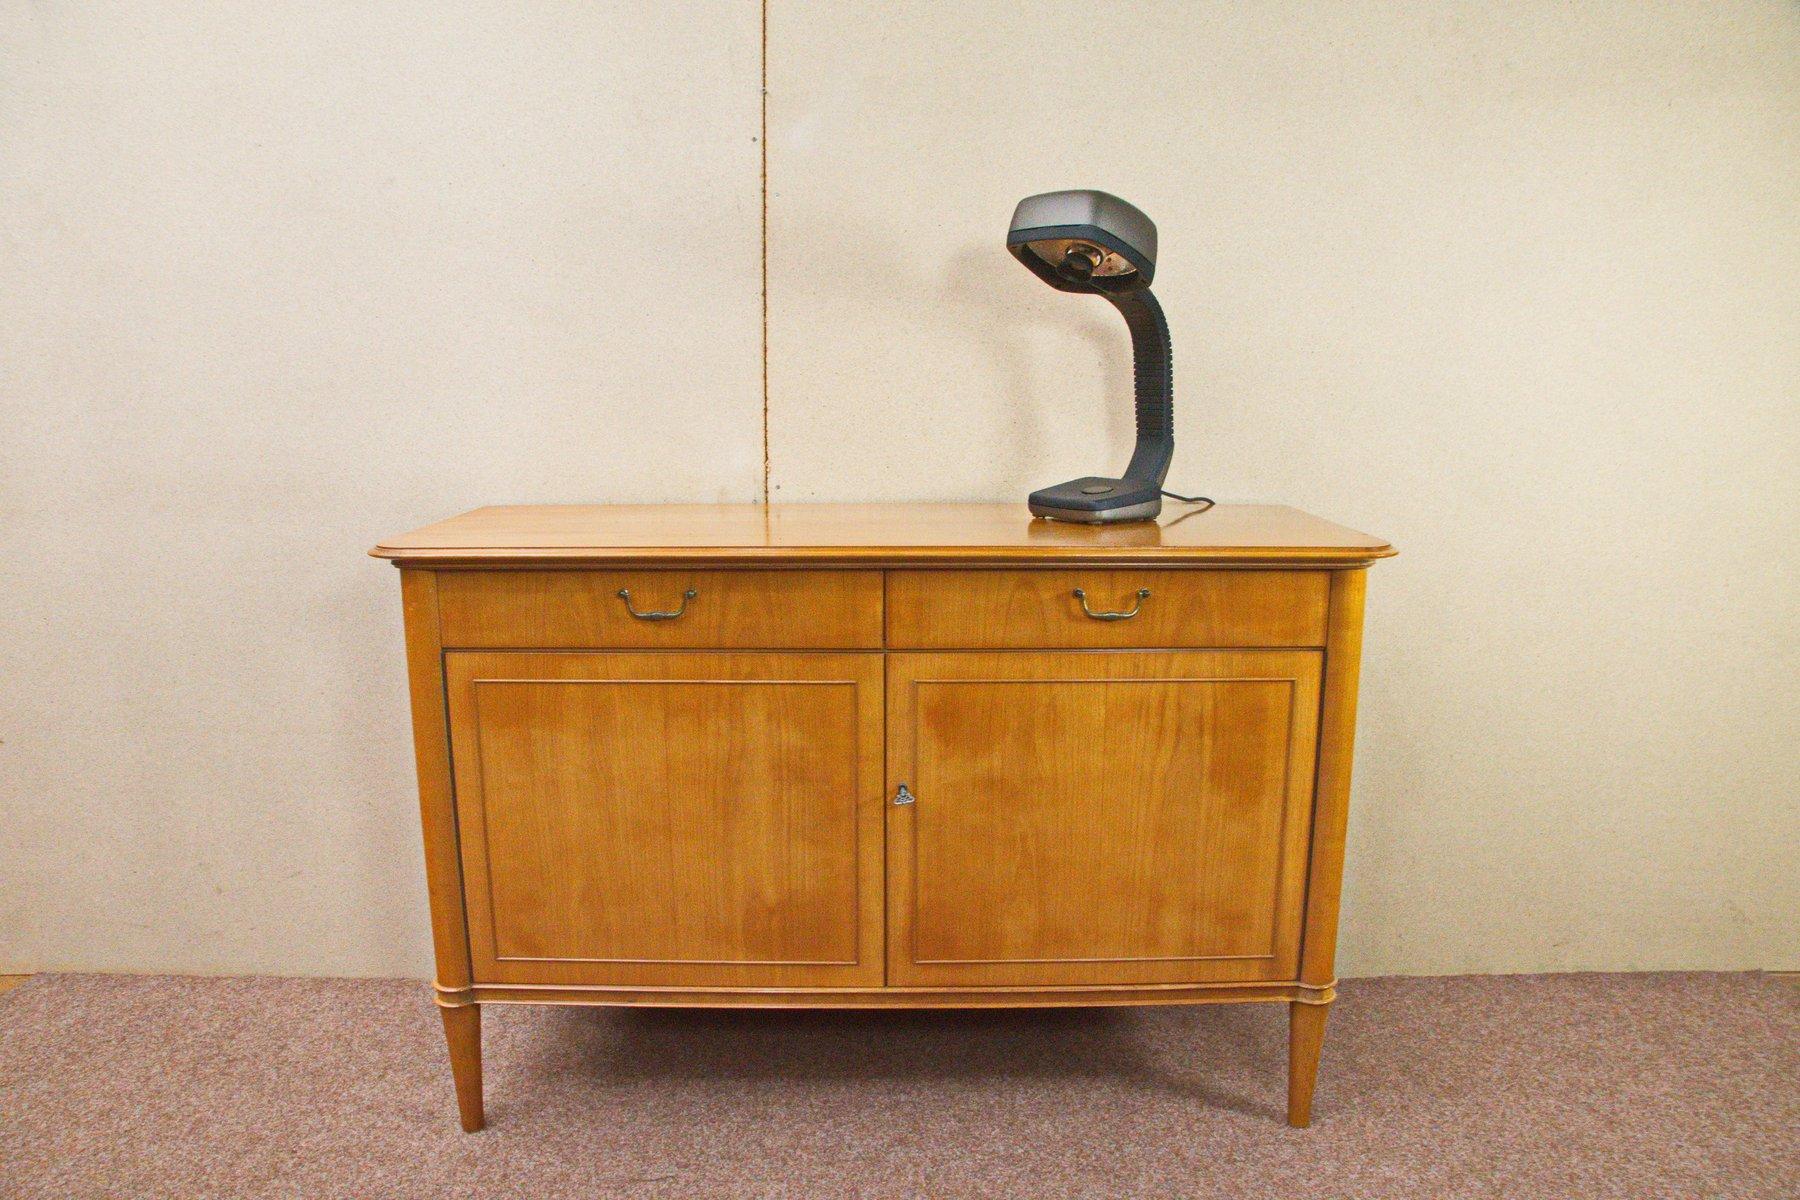 kleines kirschholz sideboard mit zwei schubladen 1950er bei pamono kaufen. Black Bedroom Furniture Sets. Home Design Ideas